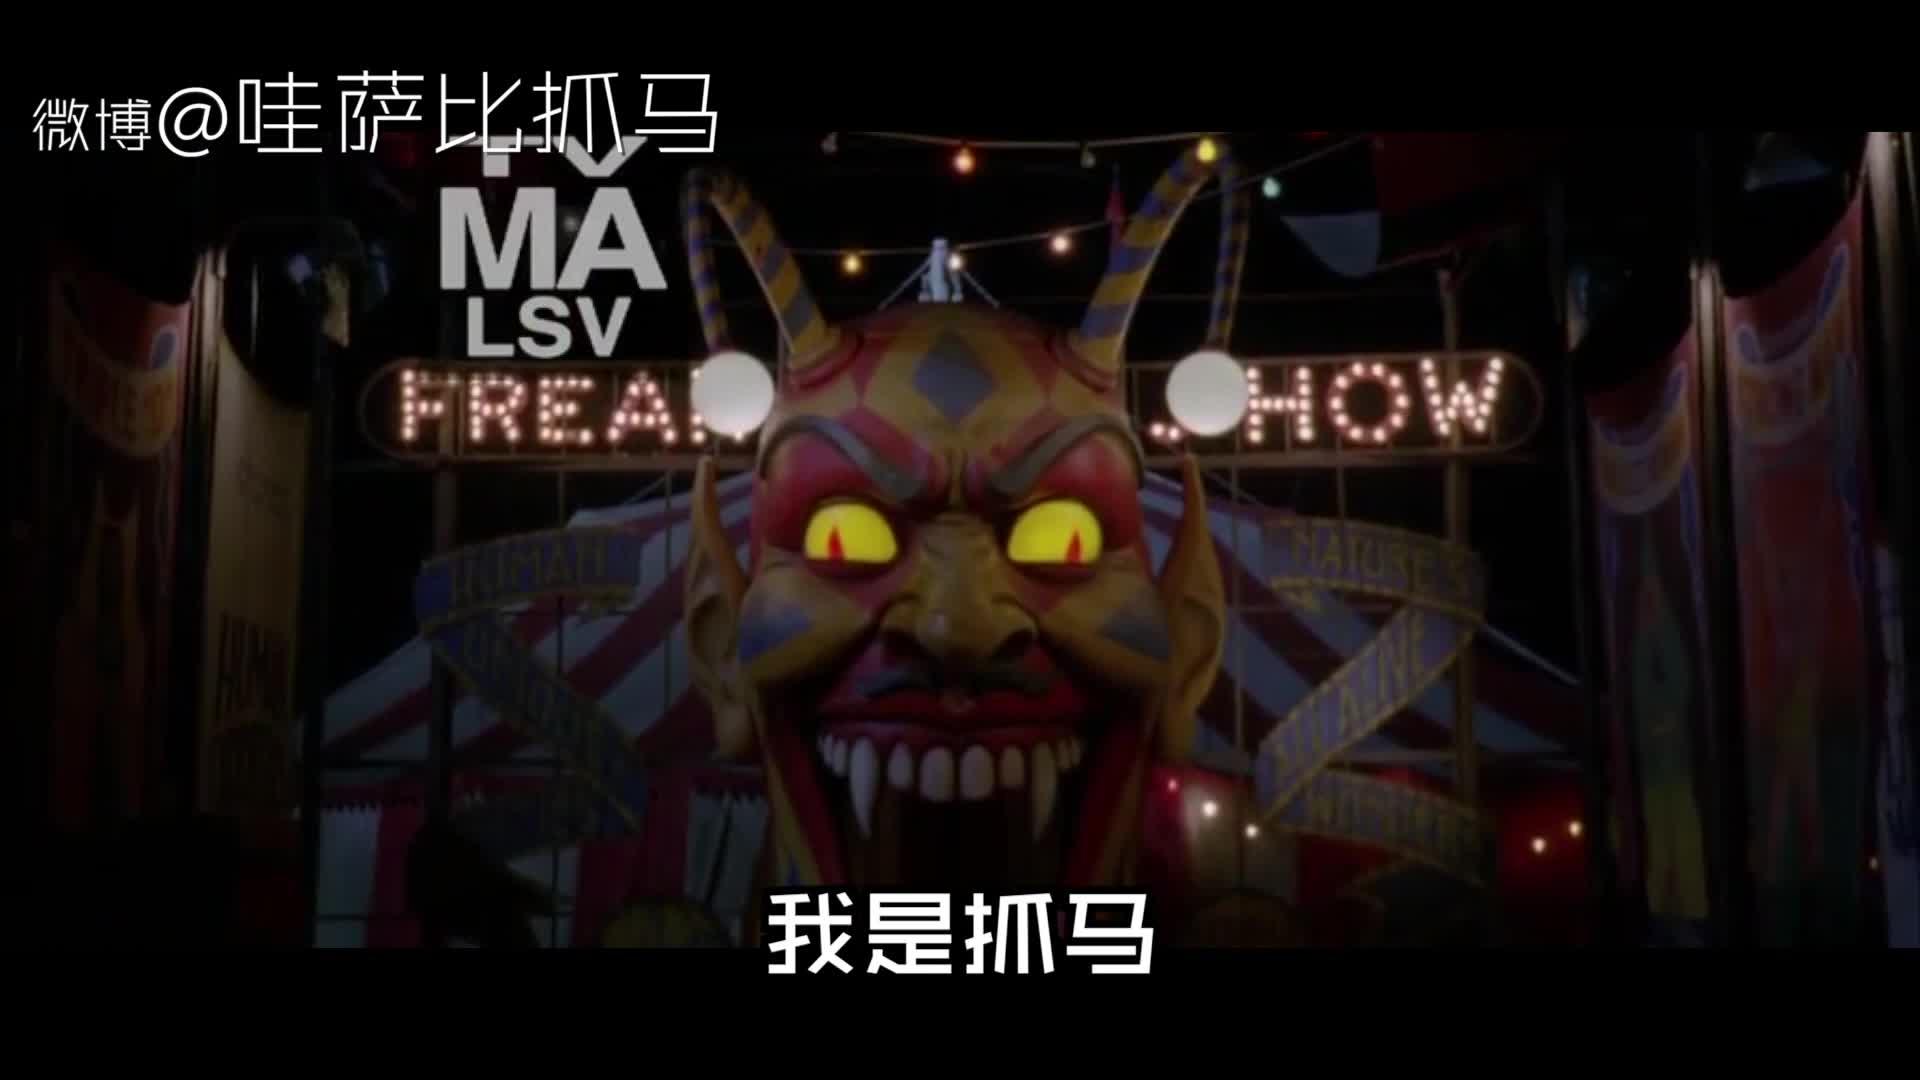 #惊悚看电影#疯狂杀手小丑如何被畸形人逼疯《美恐》第四季第四集